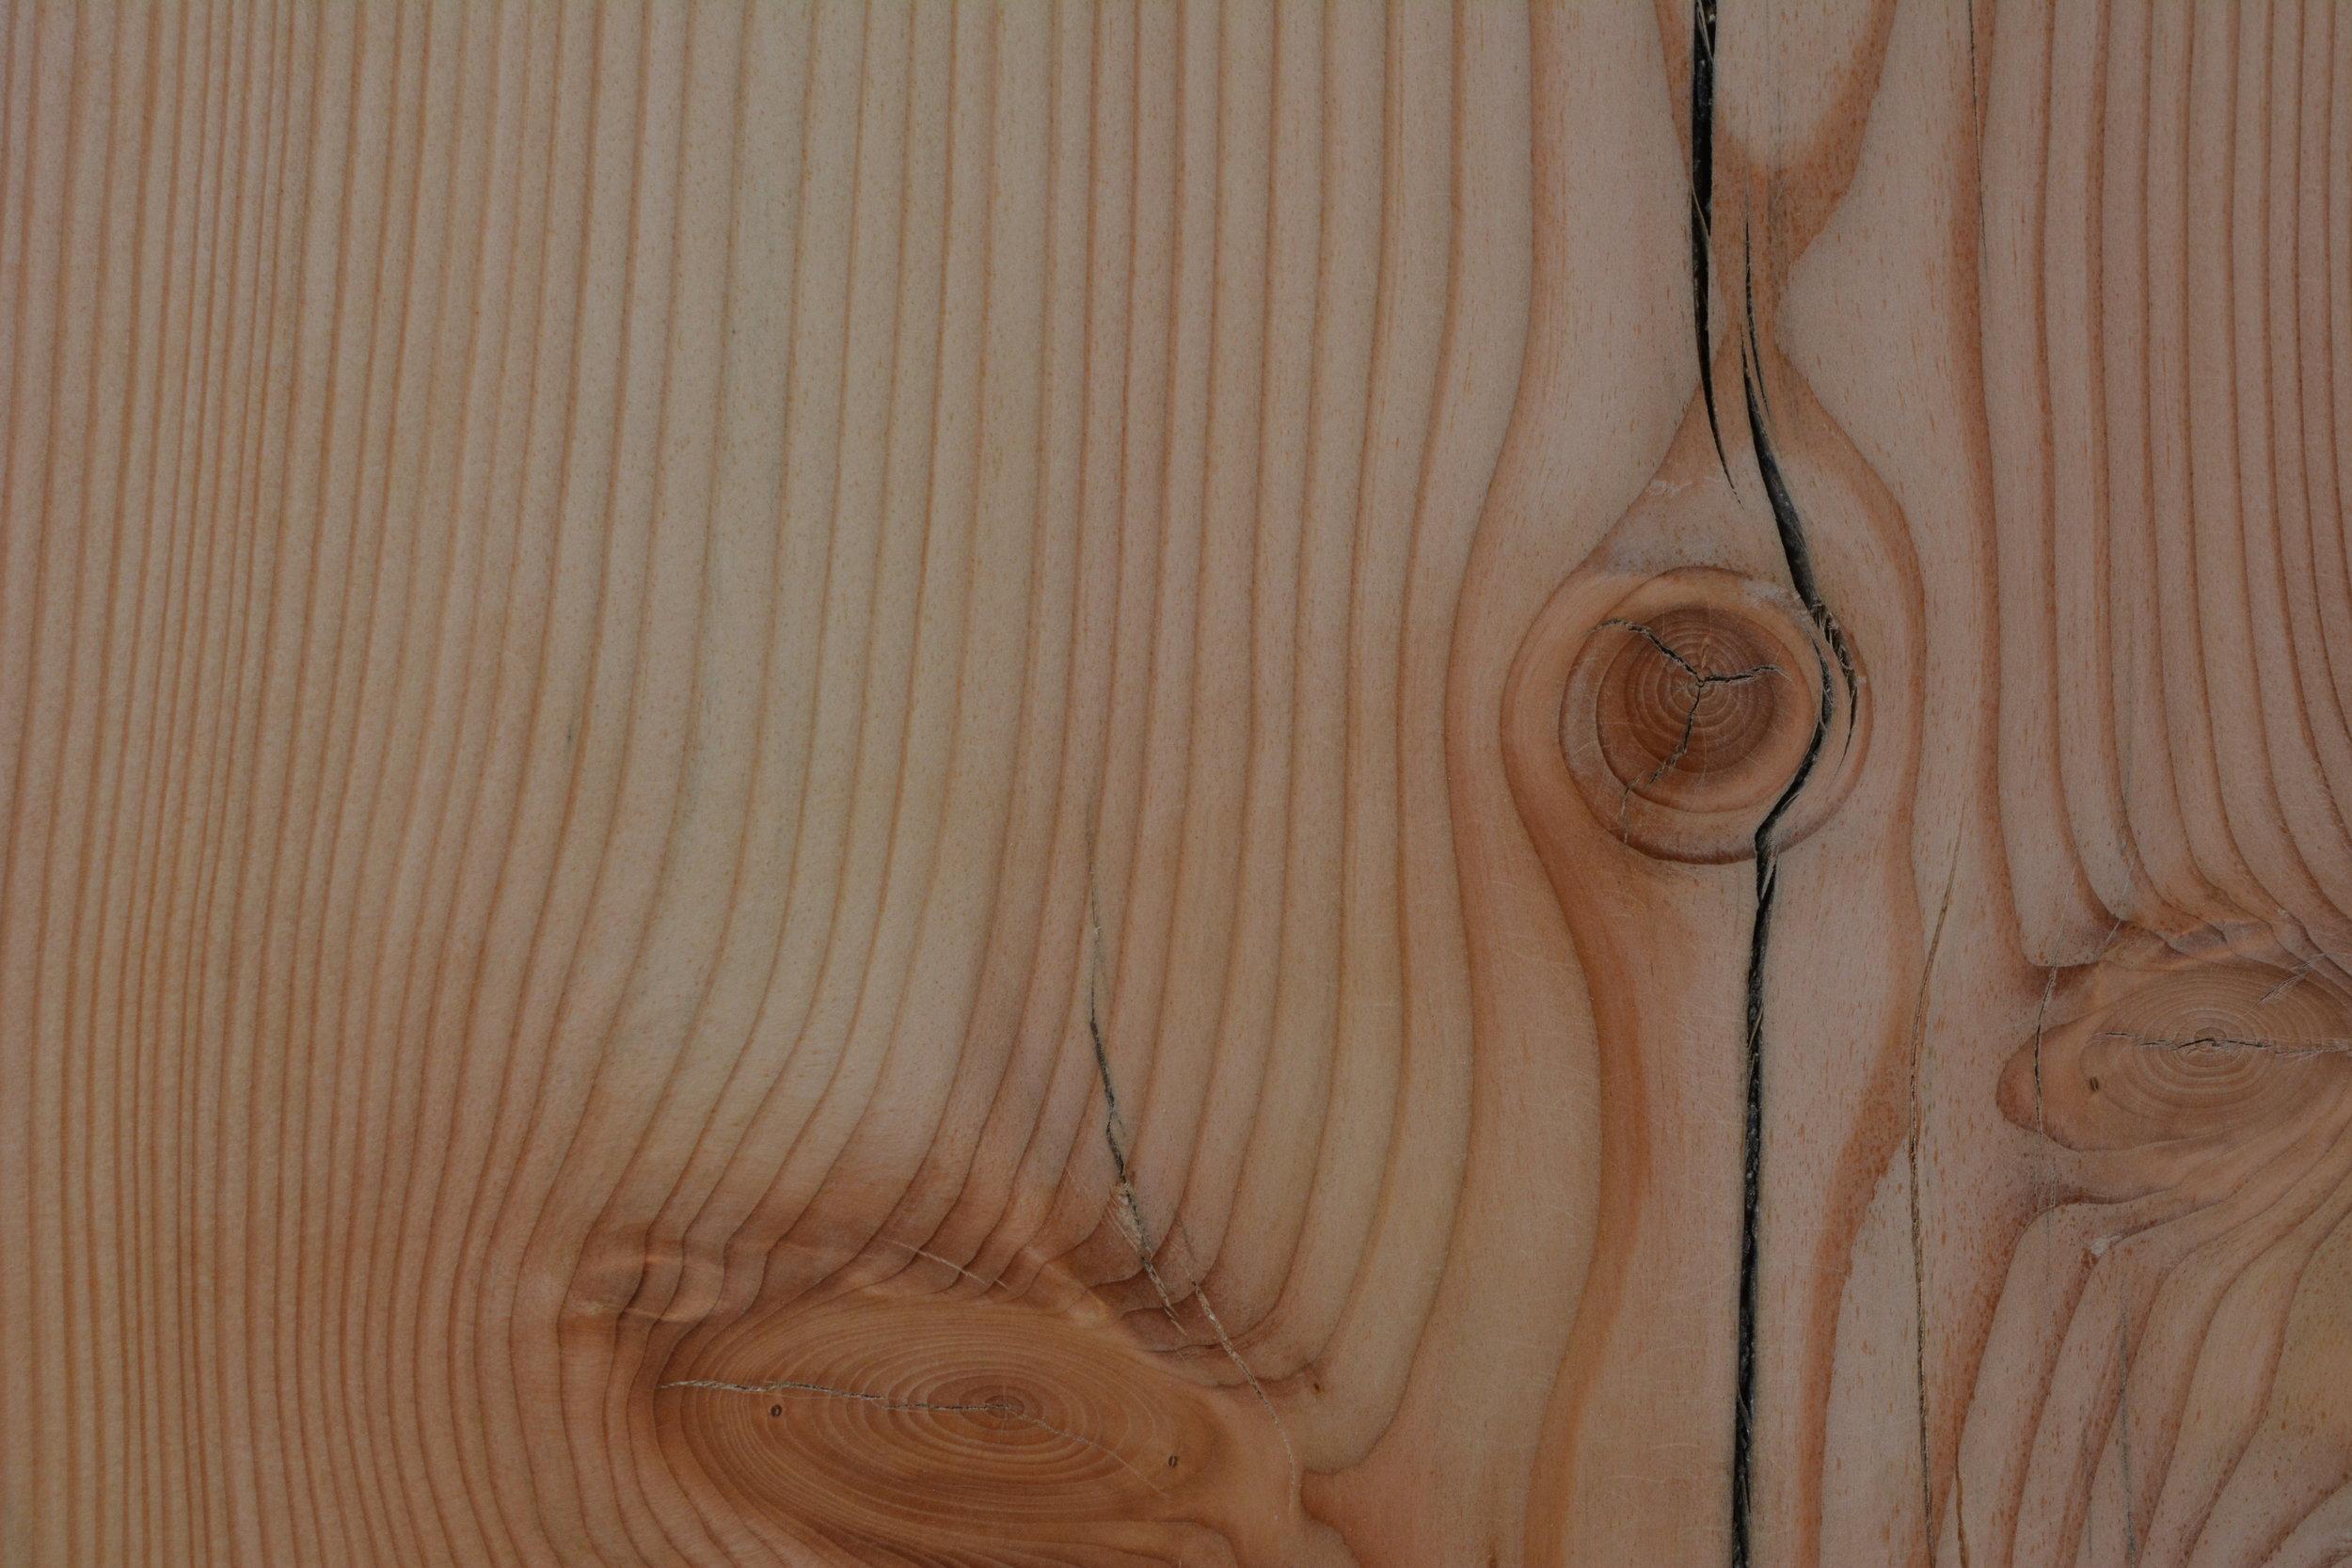 Takumi Woodwork - Larch Slab 02c